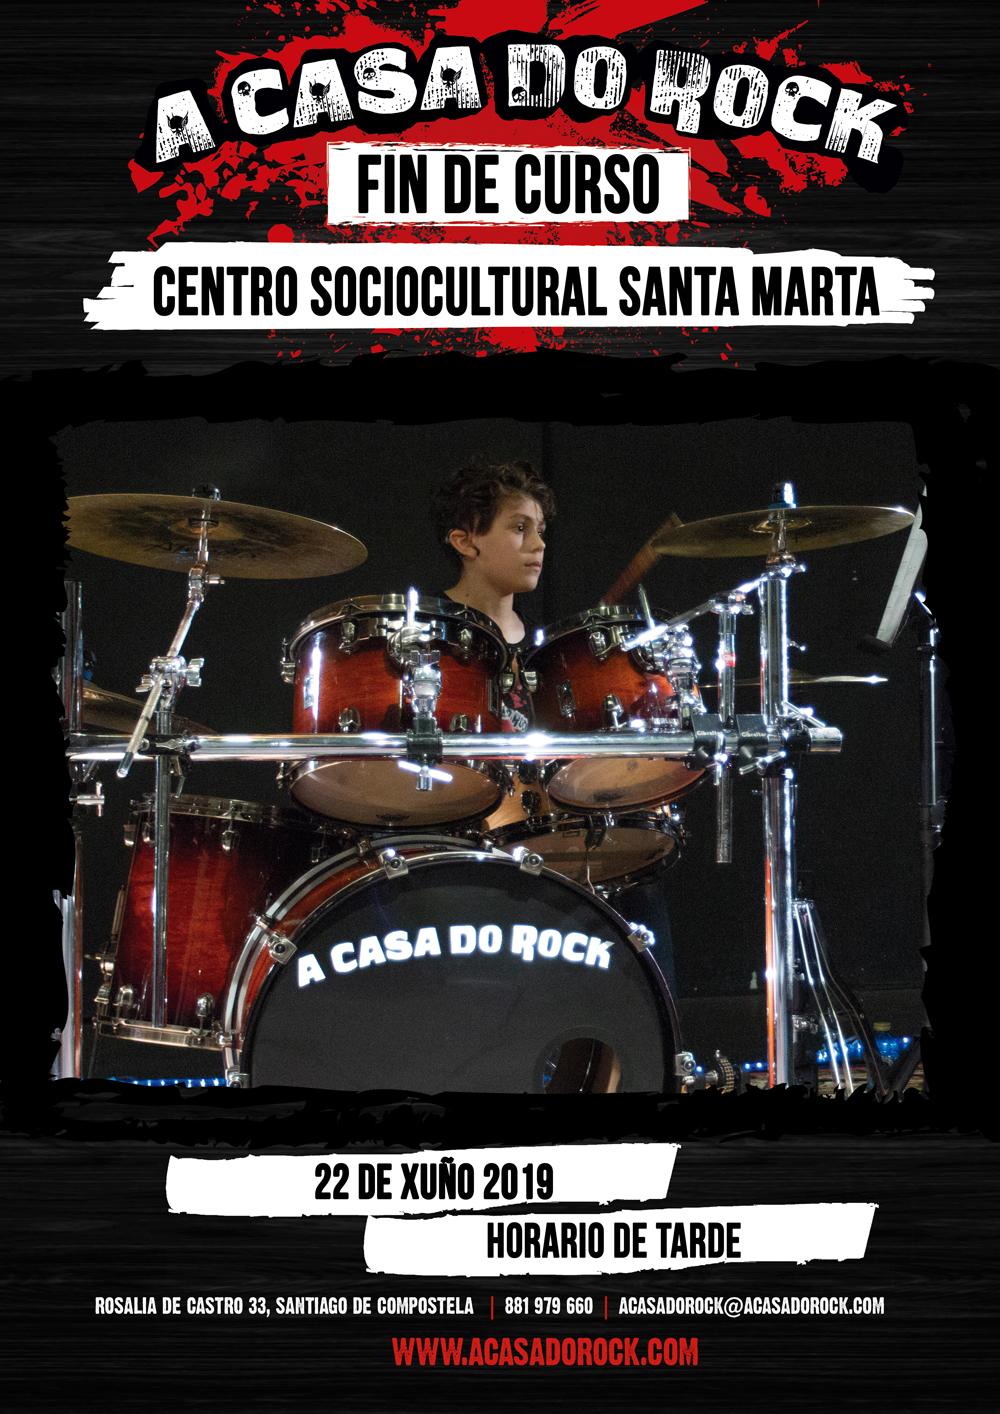 Festival Fin de Curso - A Casa do Rock